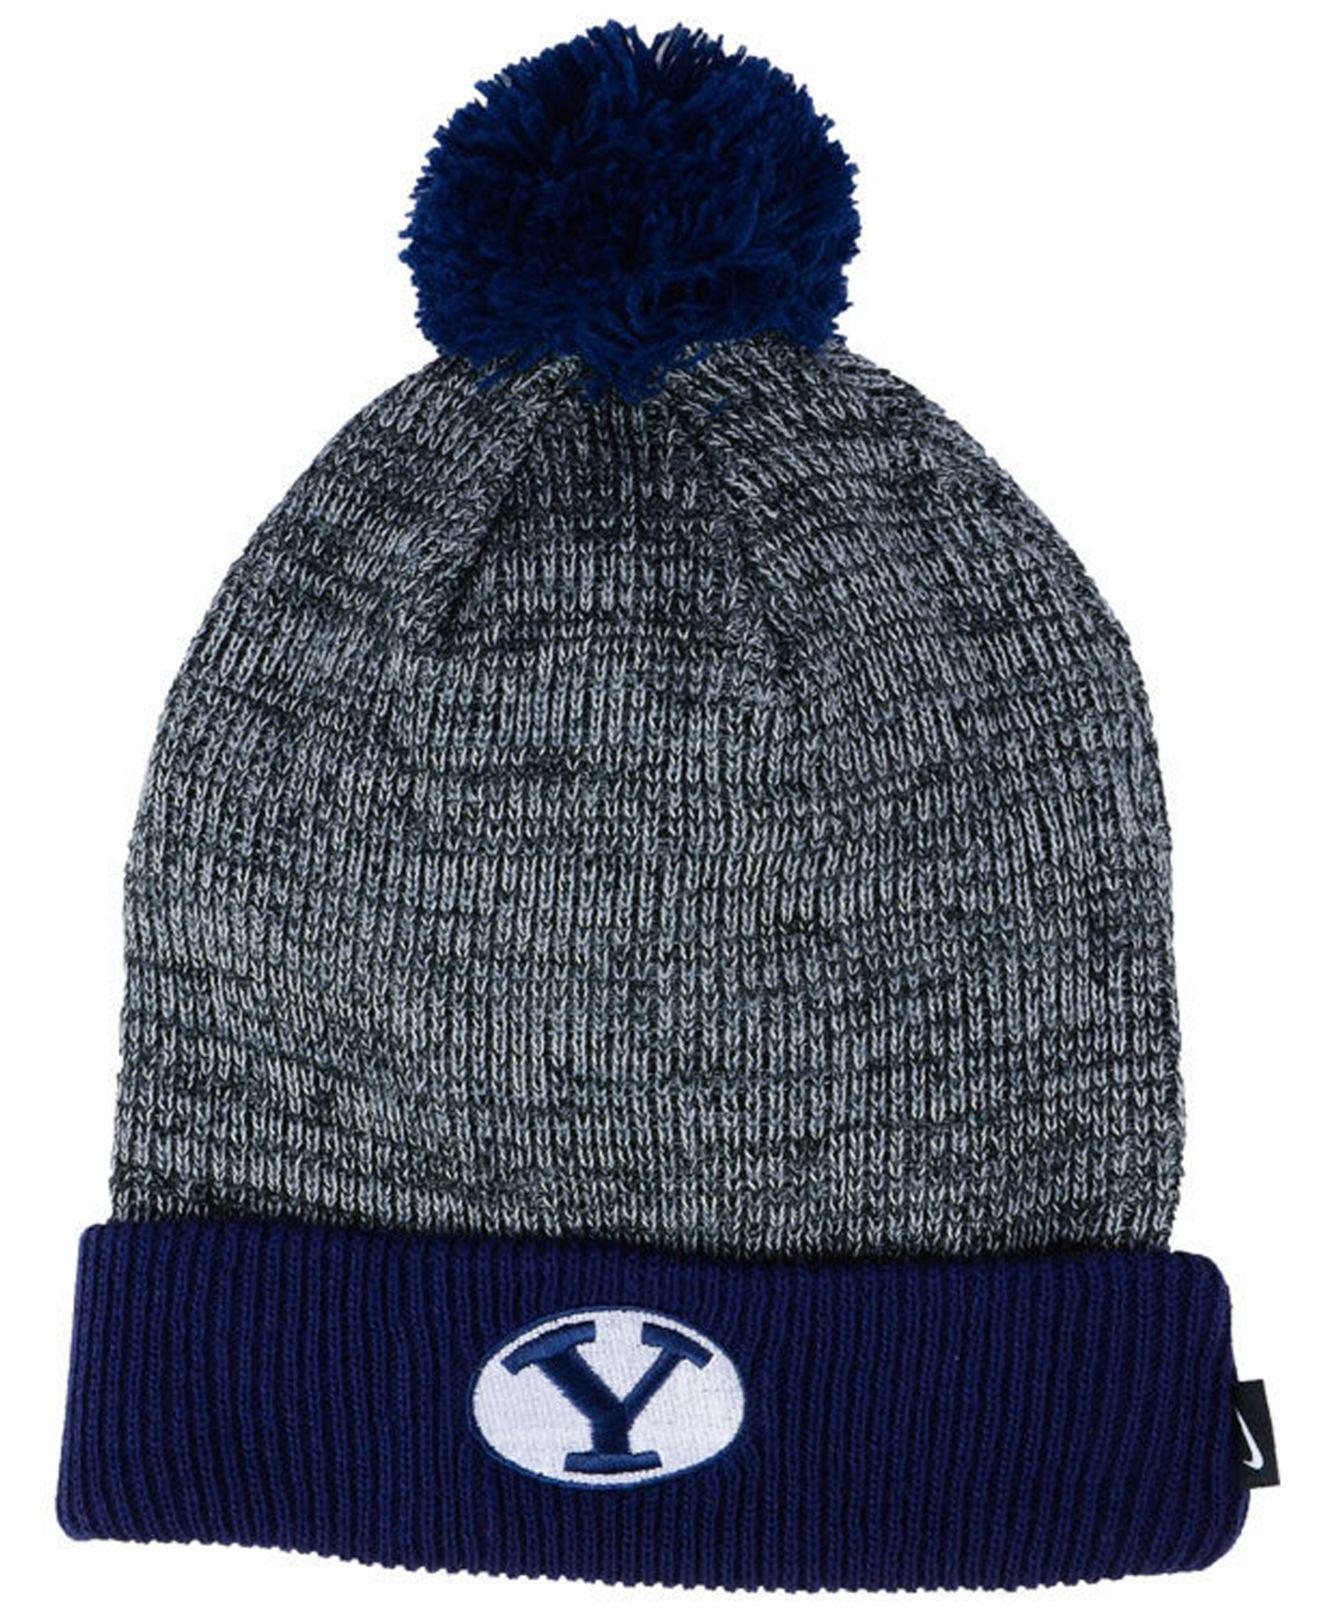 69504515215 Lyst - Nike Heather Pom Knit Hat in Blue